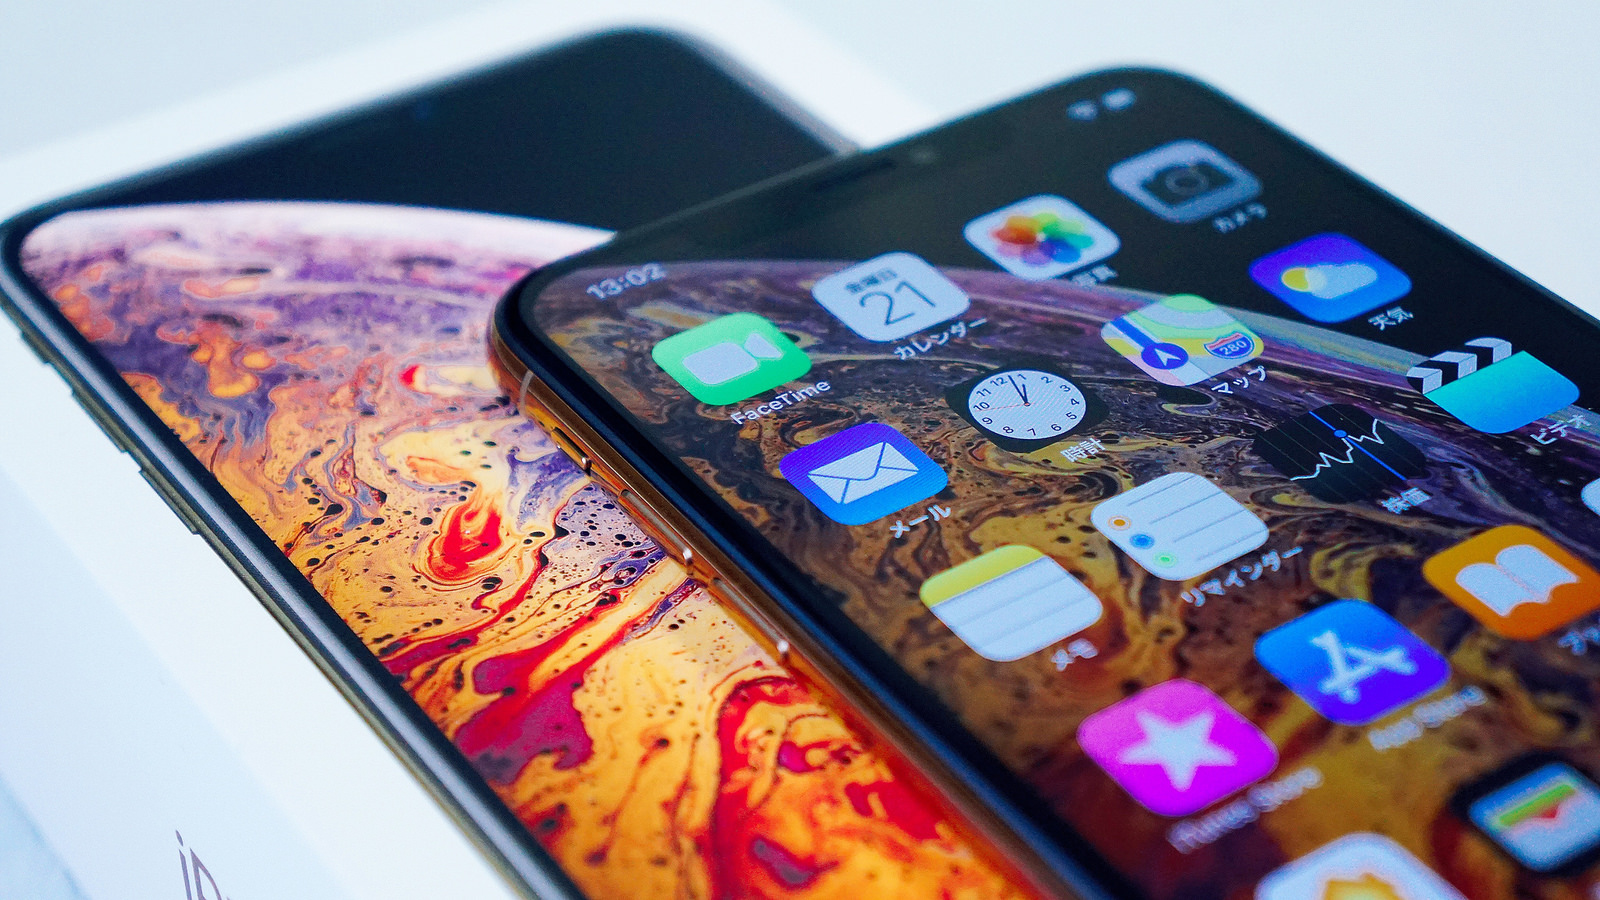 「iPhone XS」を買ったら設定しておきたいこと11のこと